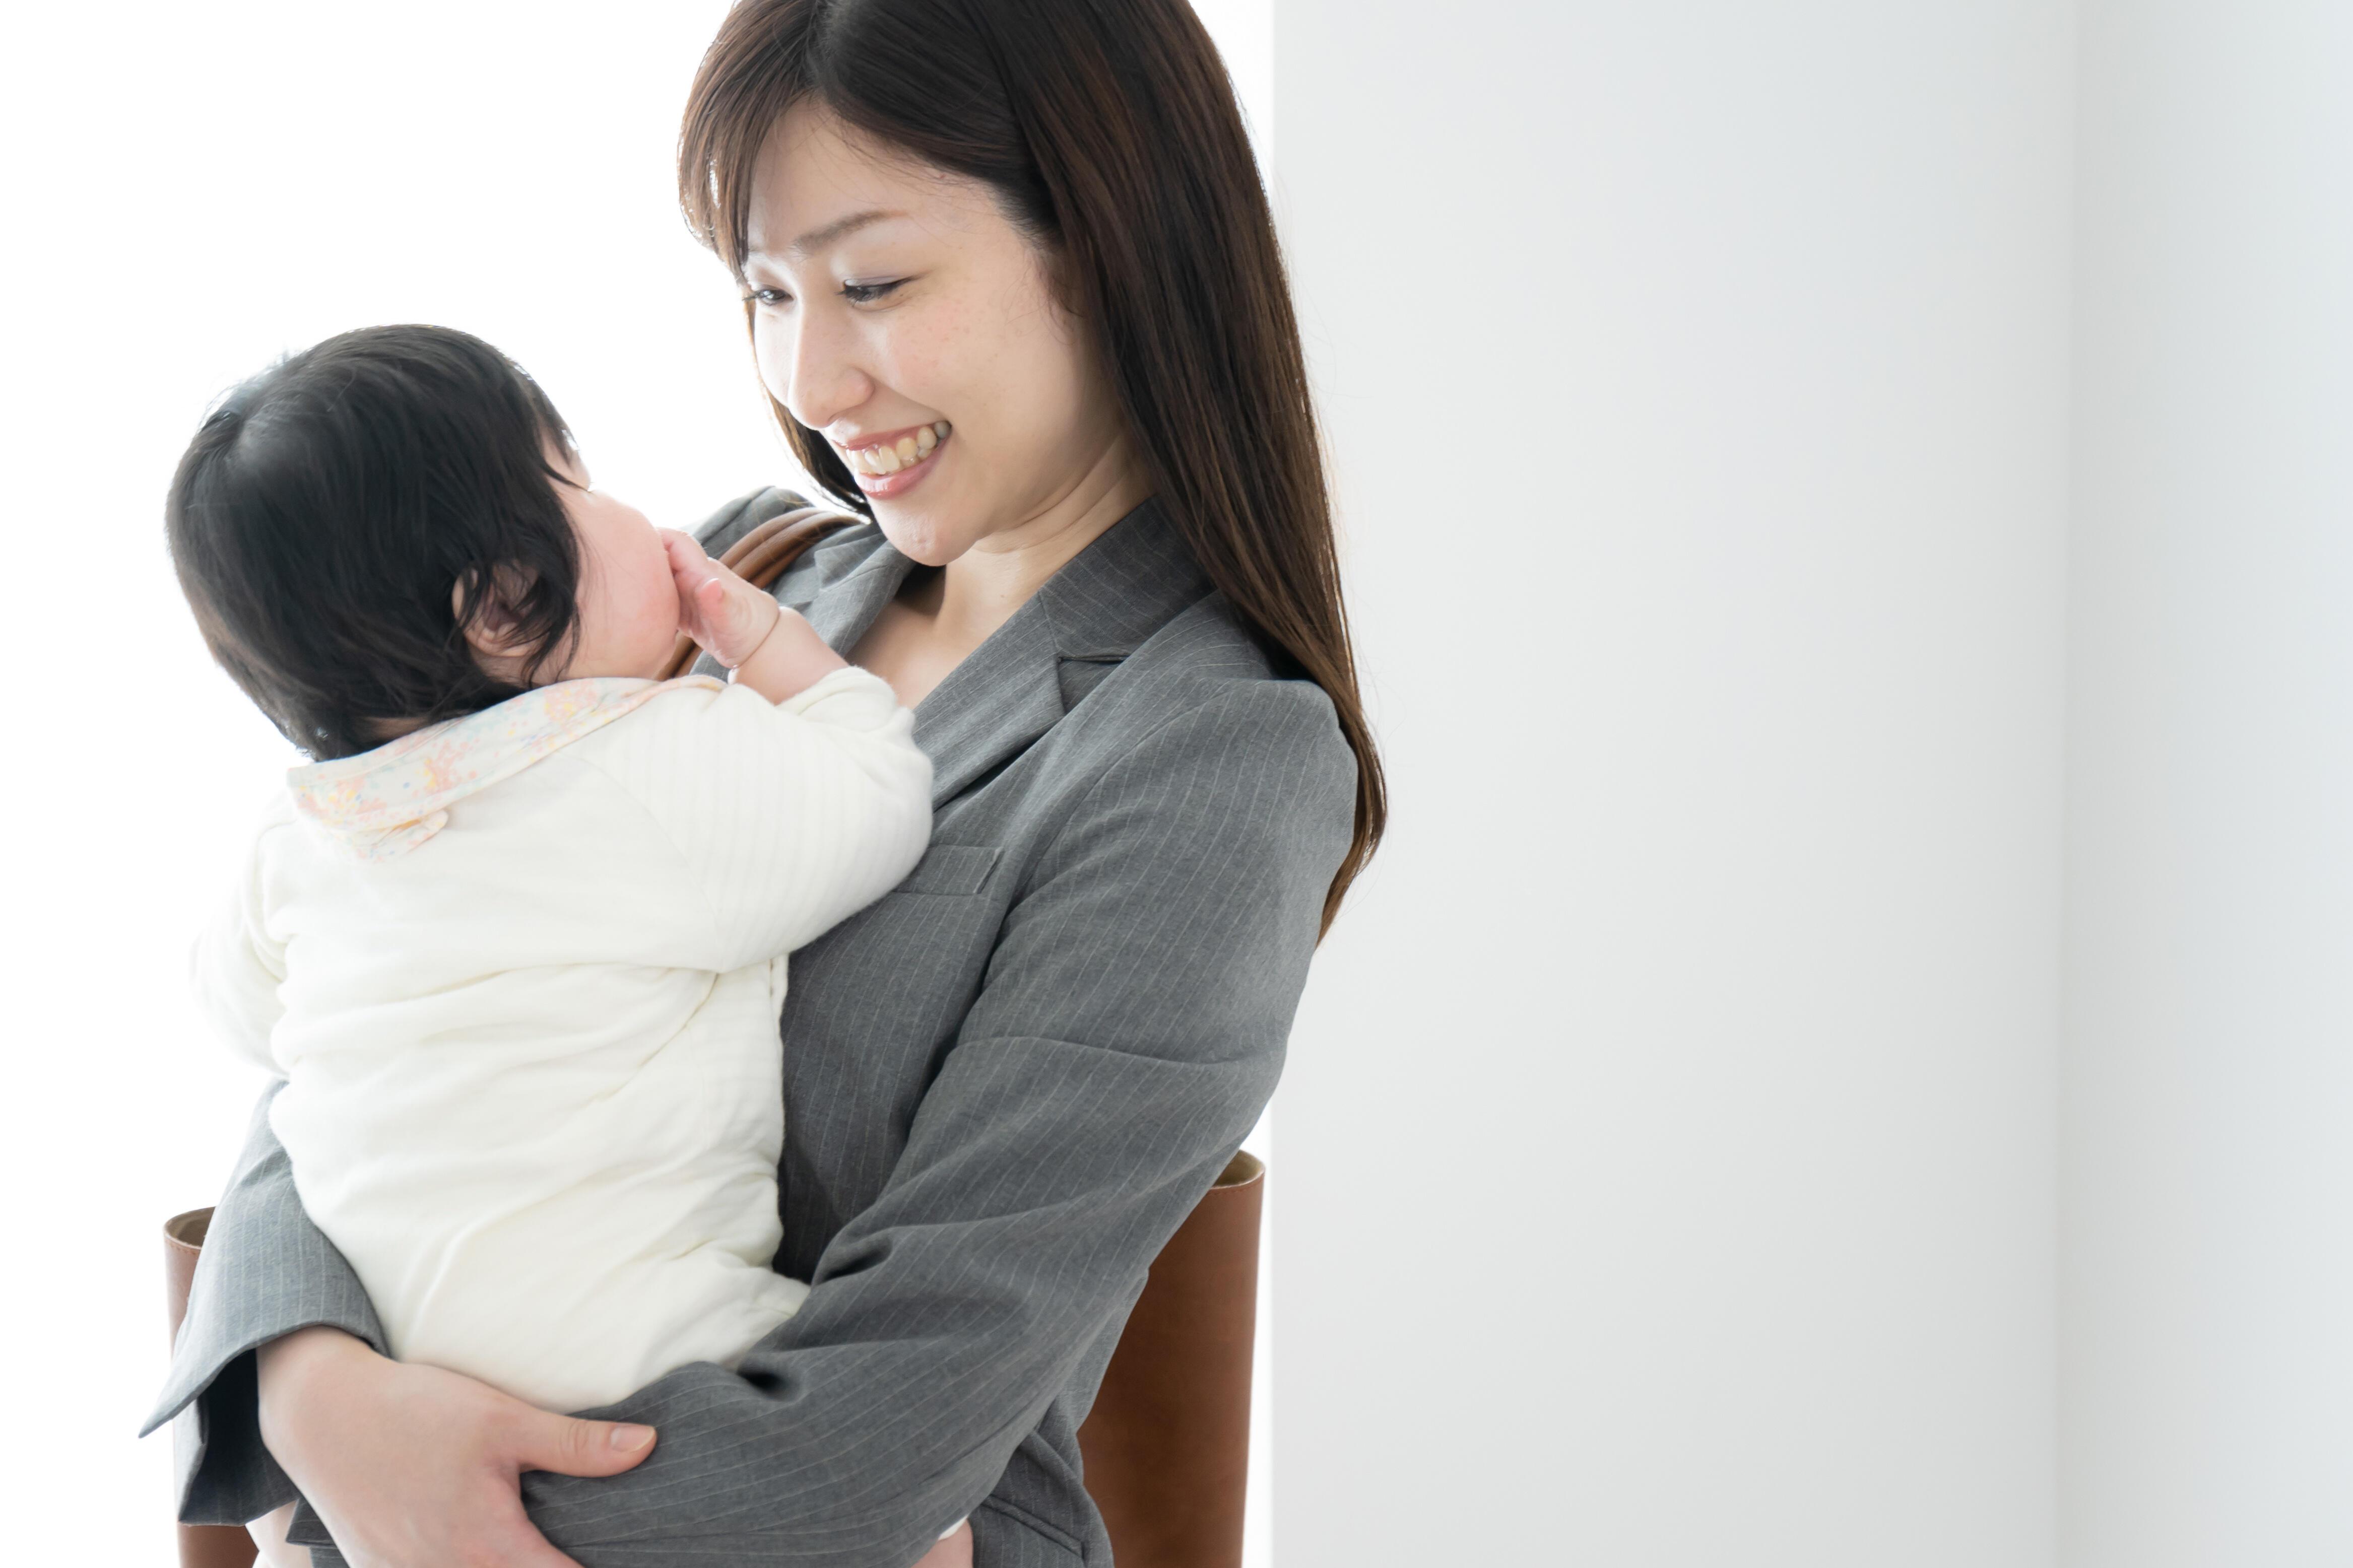 三世代同居ではないシングルマザーの約9人に1人が「こころの不調」の可能性~国立成育医療研究センター調査